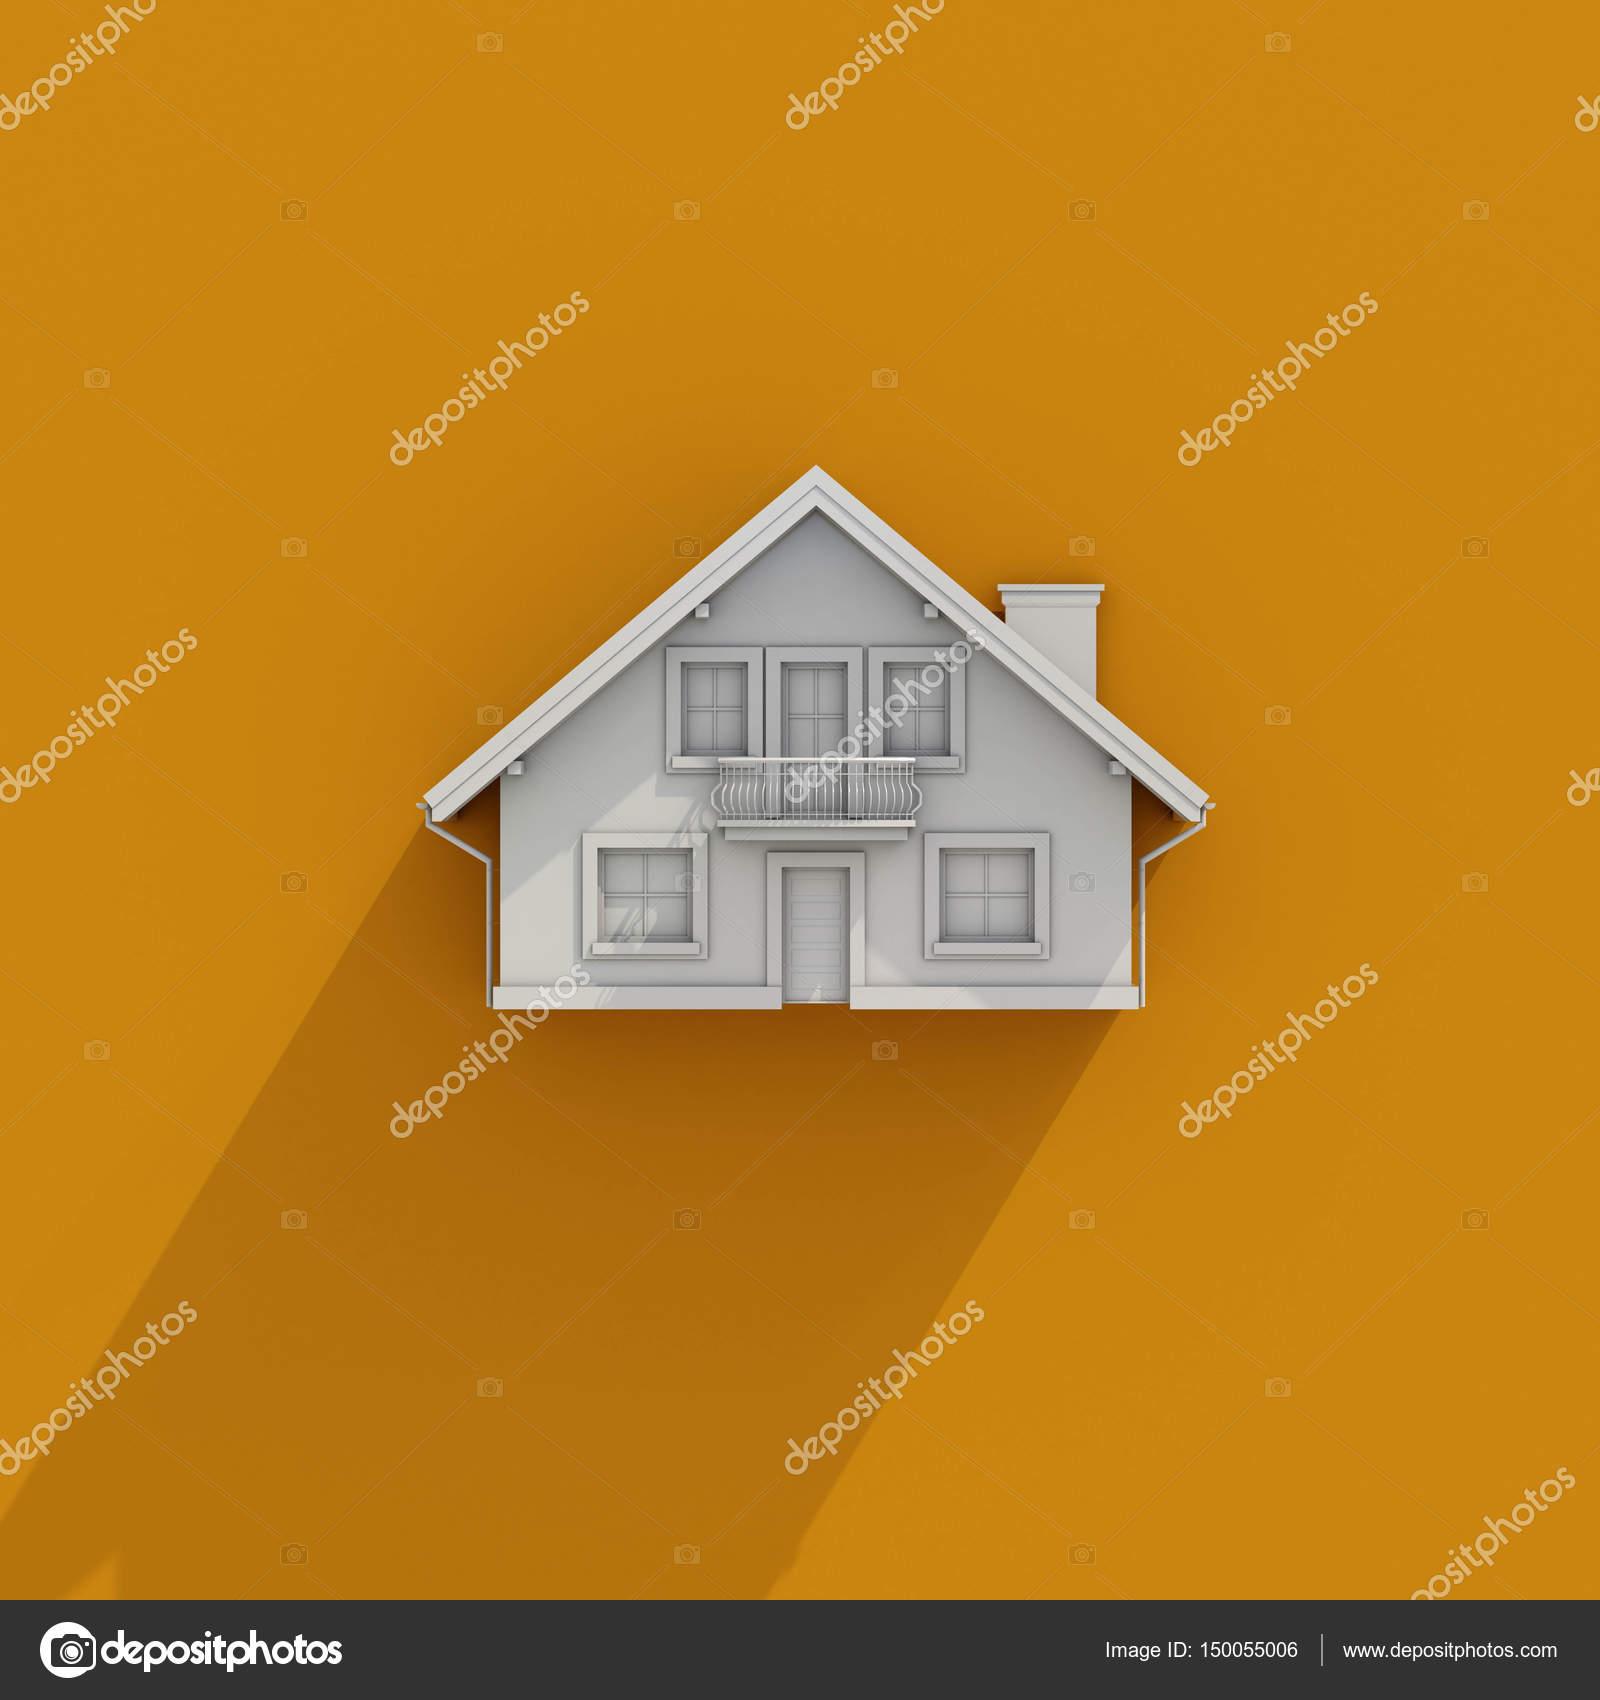 3D Haus Symbol Auf Orangem Hintergrund, Architektur, Gebäude, Bau,  Immobilien Und Eigenschaft Konzept, Kleines Haus, Immobilien, Wohnkonzept U2014  Foto Von ...